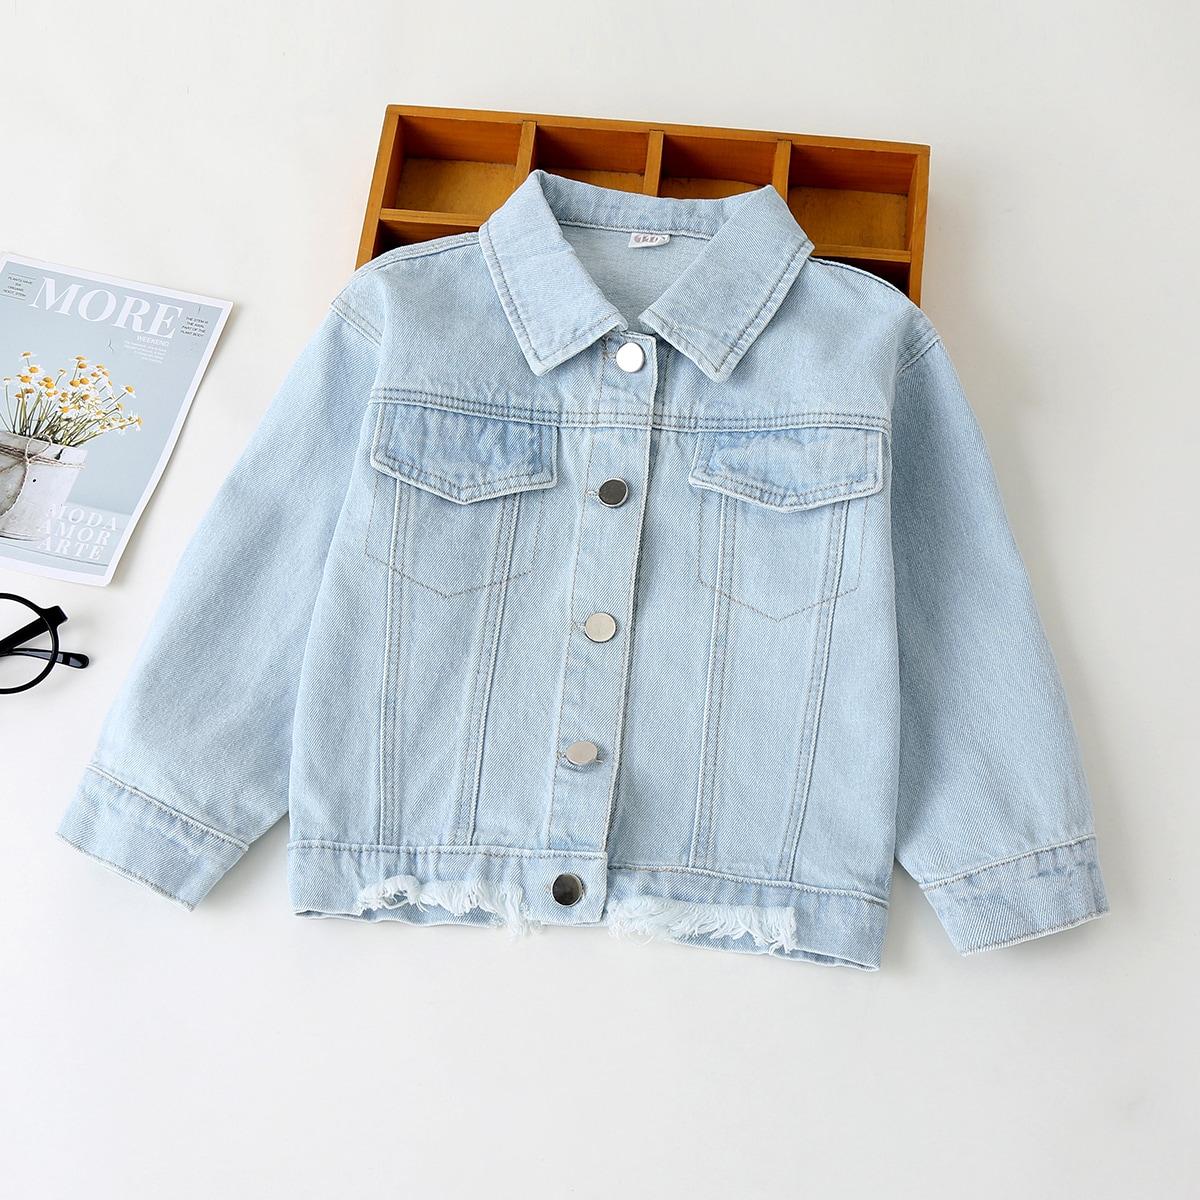 Необработанный низ лозунг повседневный джинсовые куртки & пальто для девочек